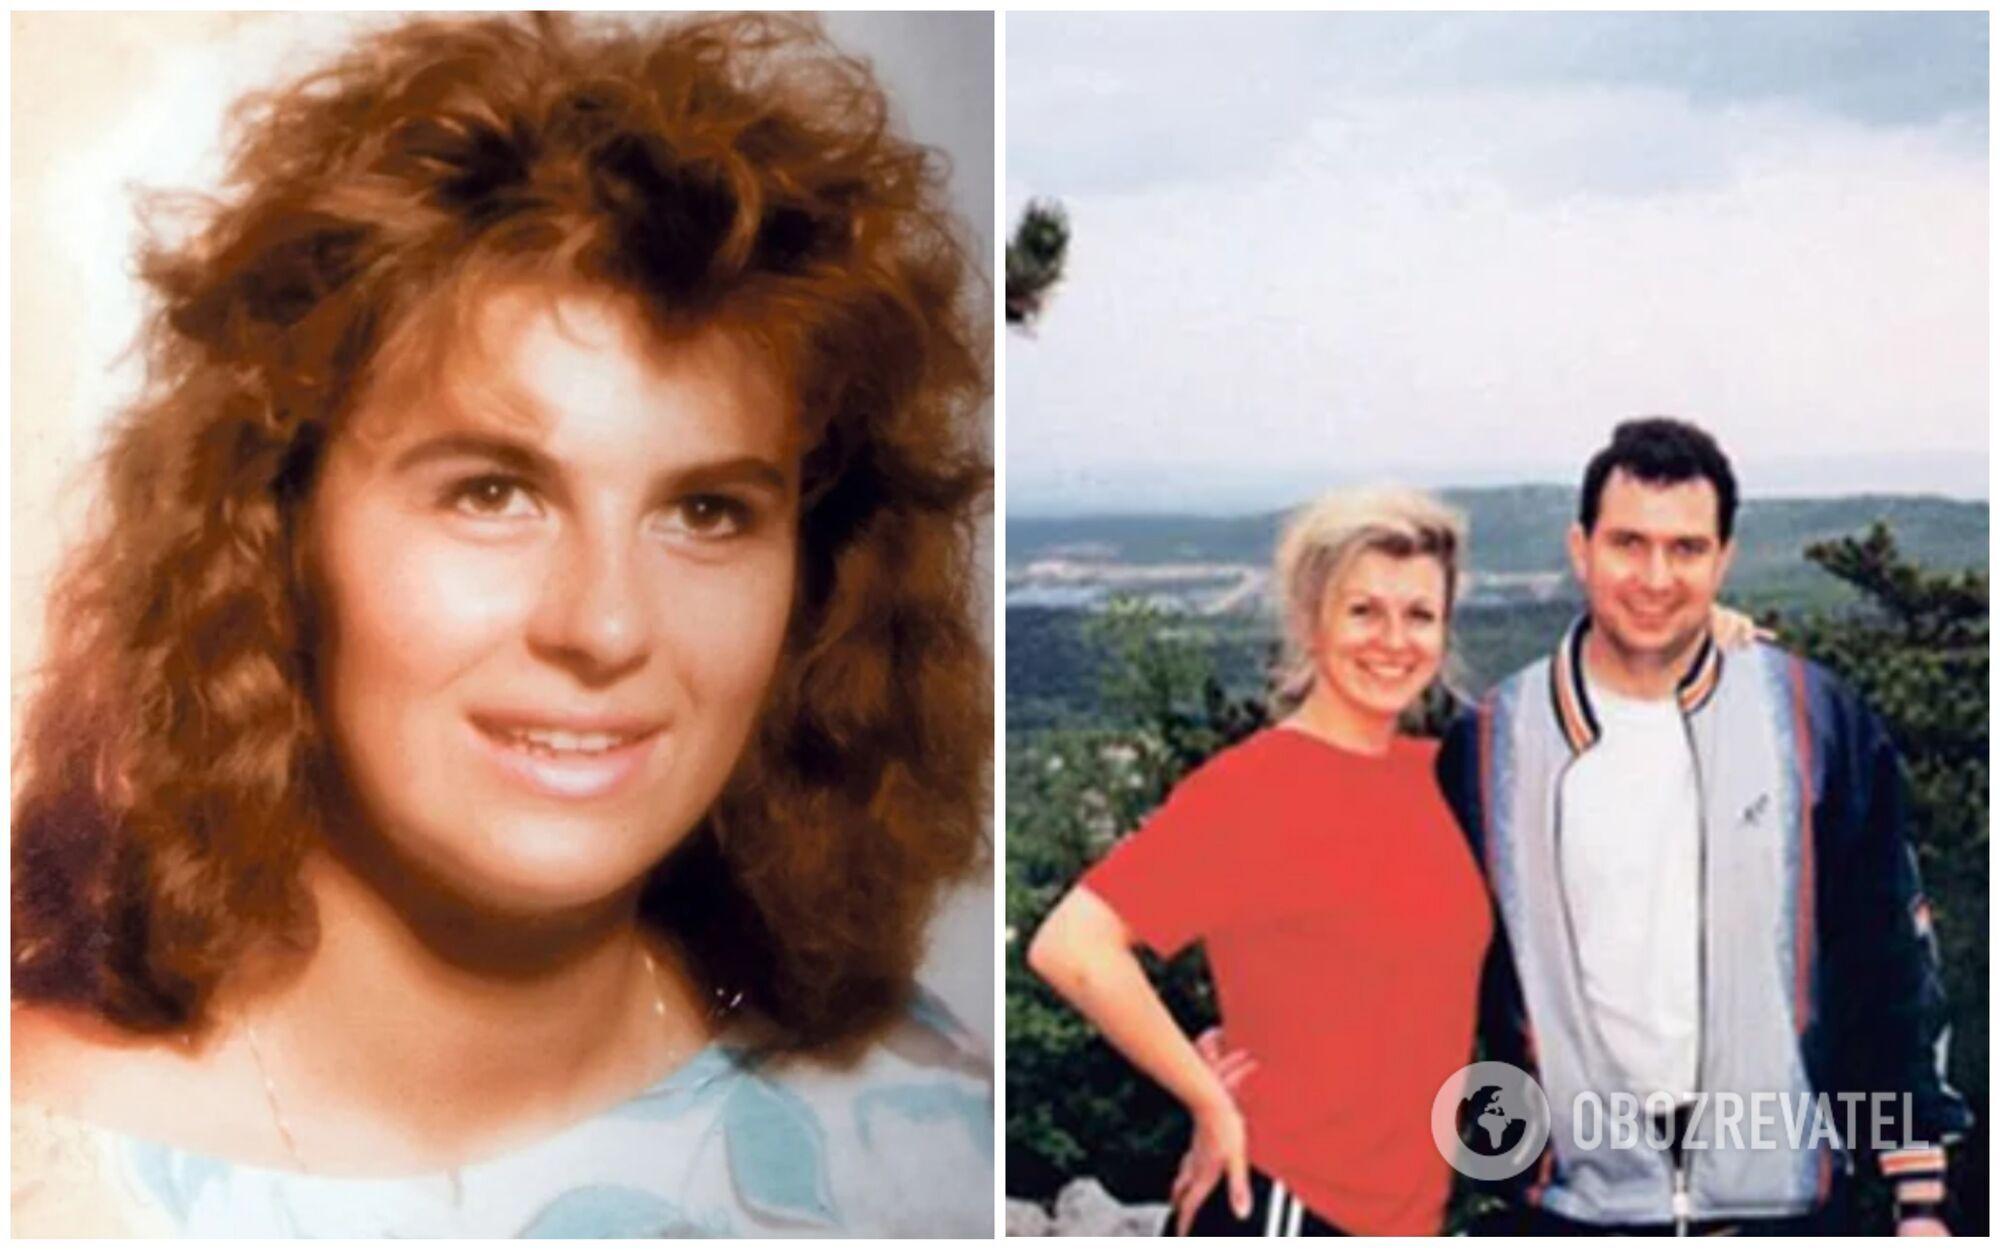 Колінда познайомилася з майбутнім чоловіком Яковом Китаровичем під час навчання в університеті 1989 року